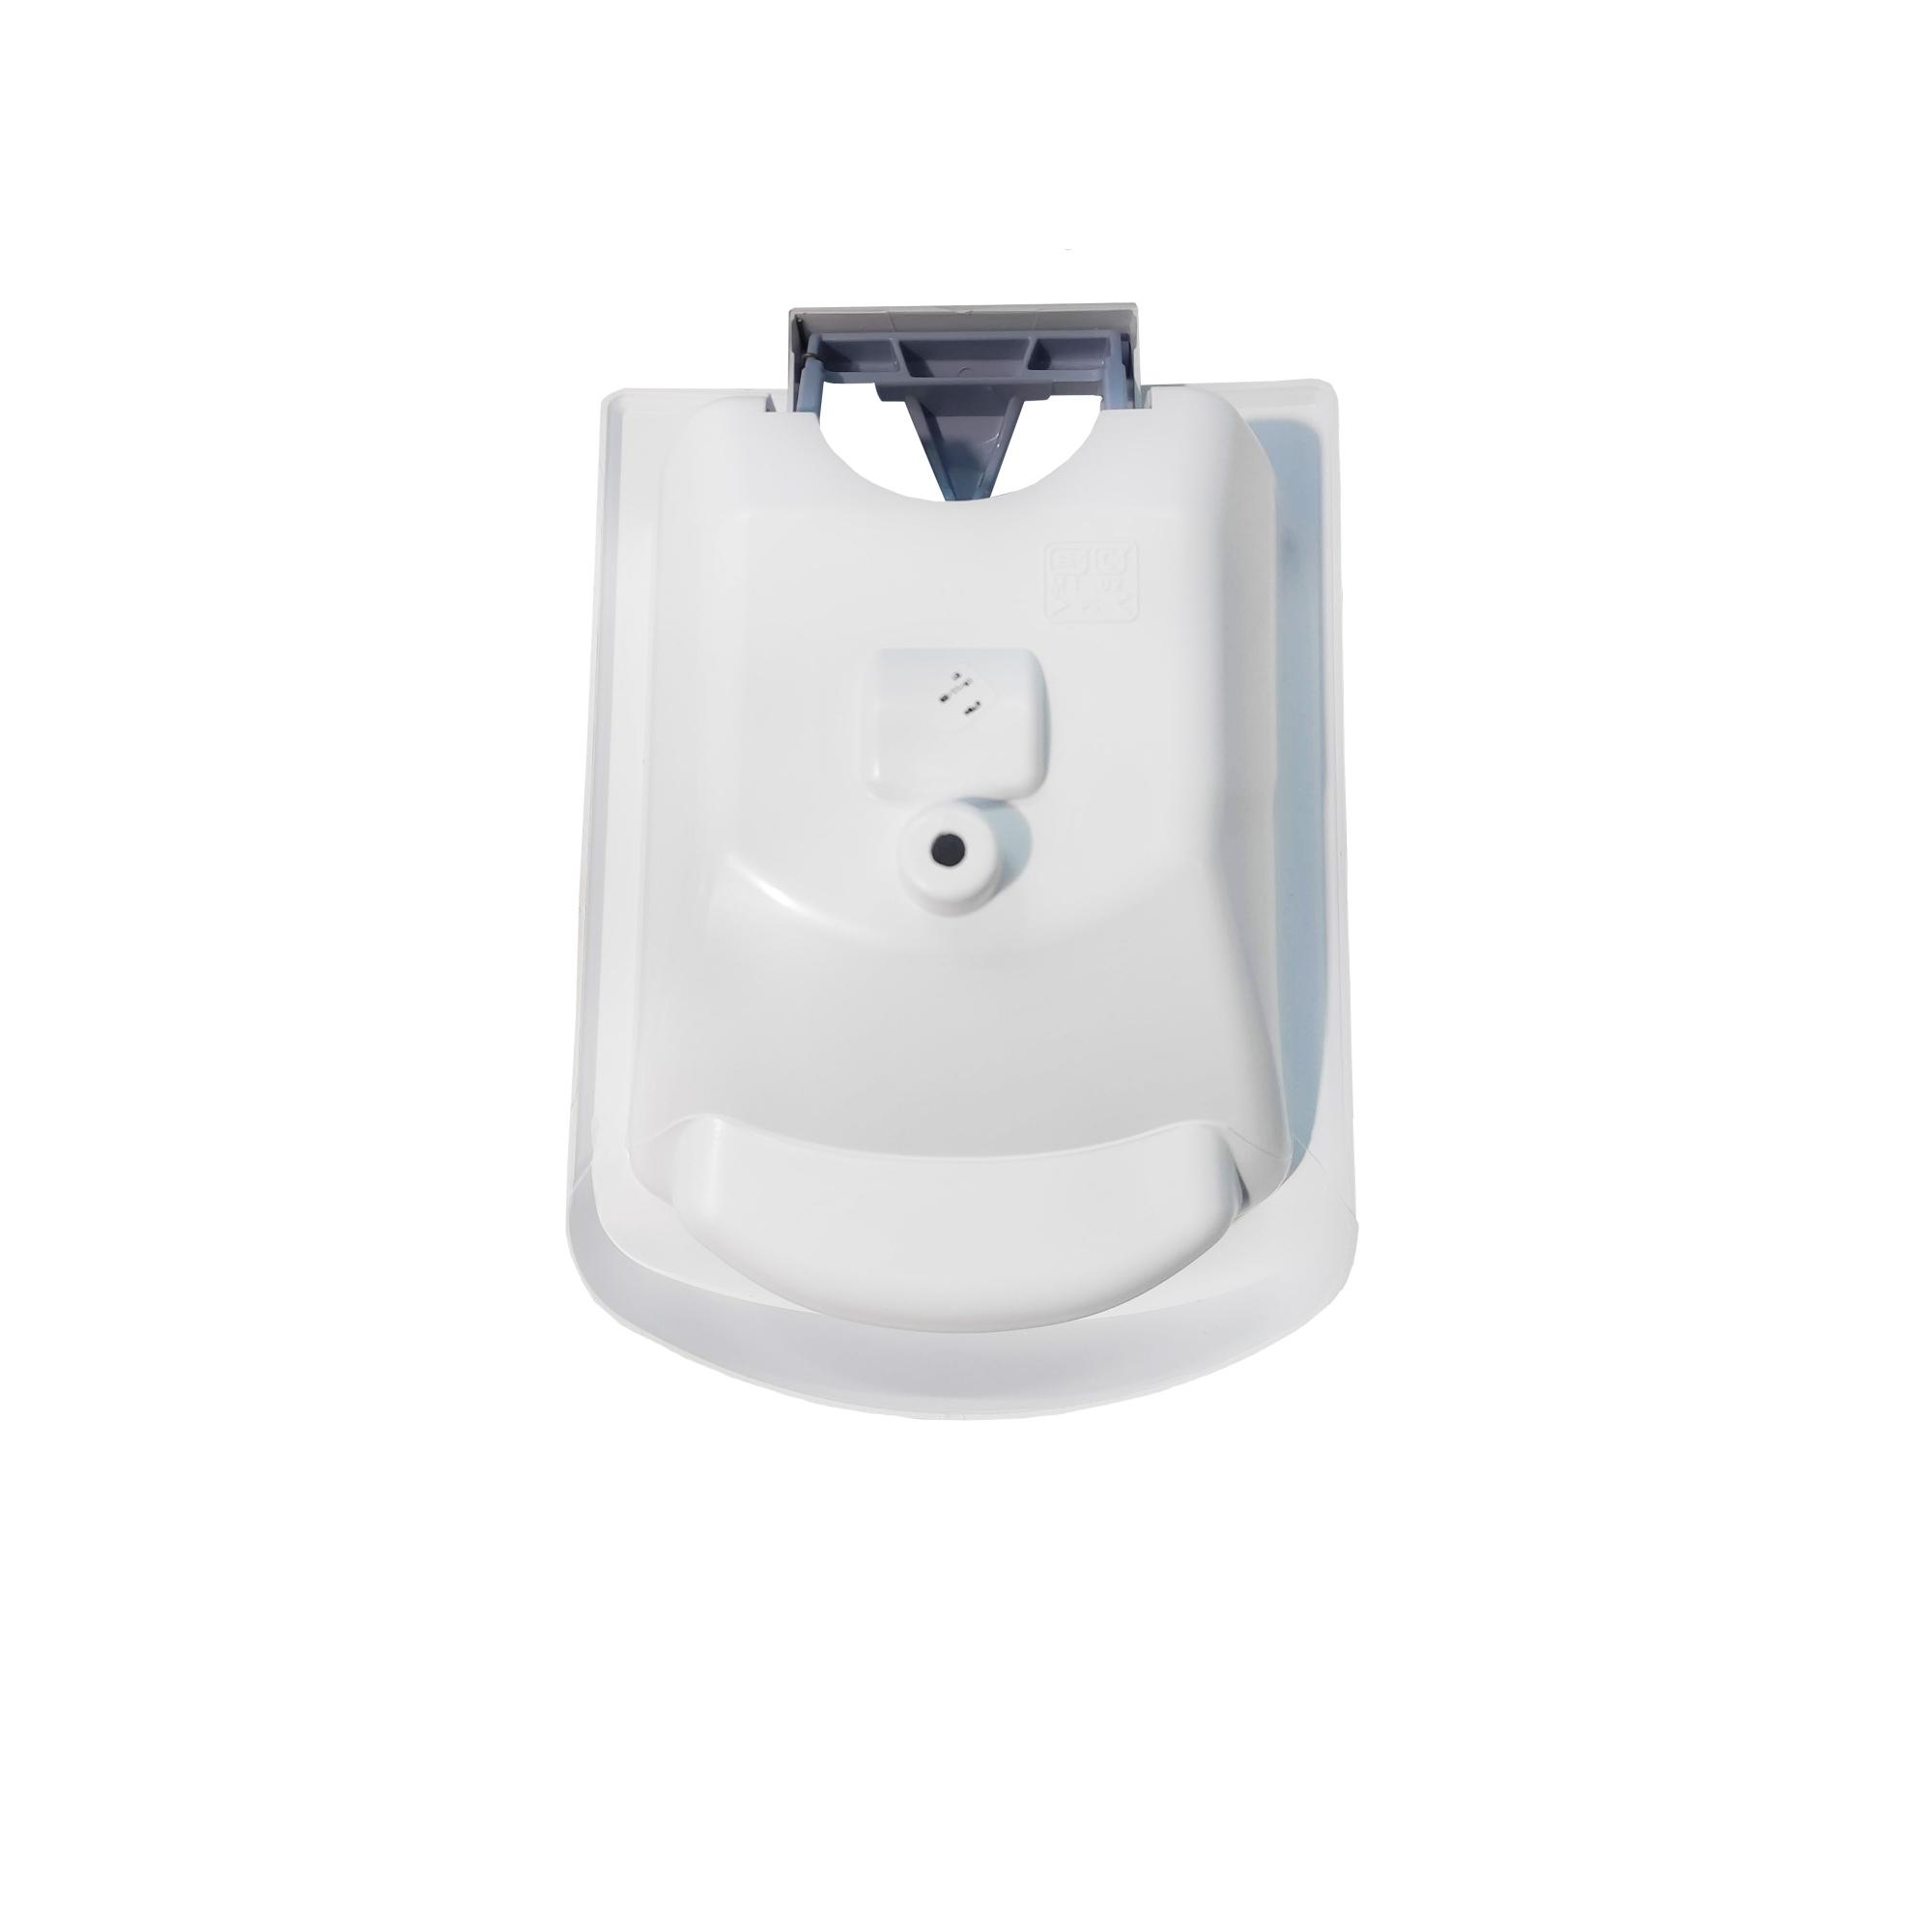 Deck Água Porta Refrigerador Consul 326034008